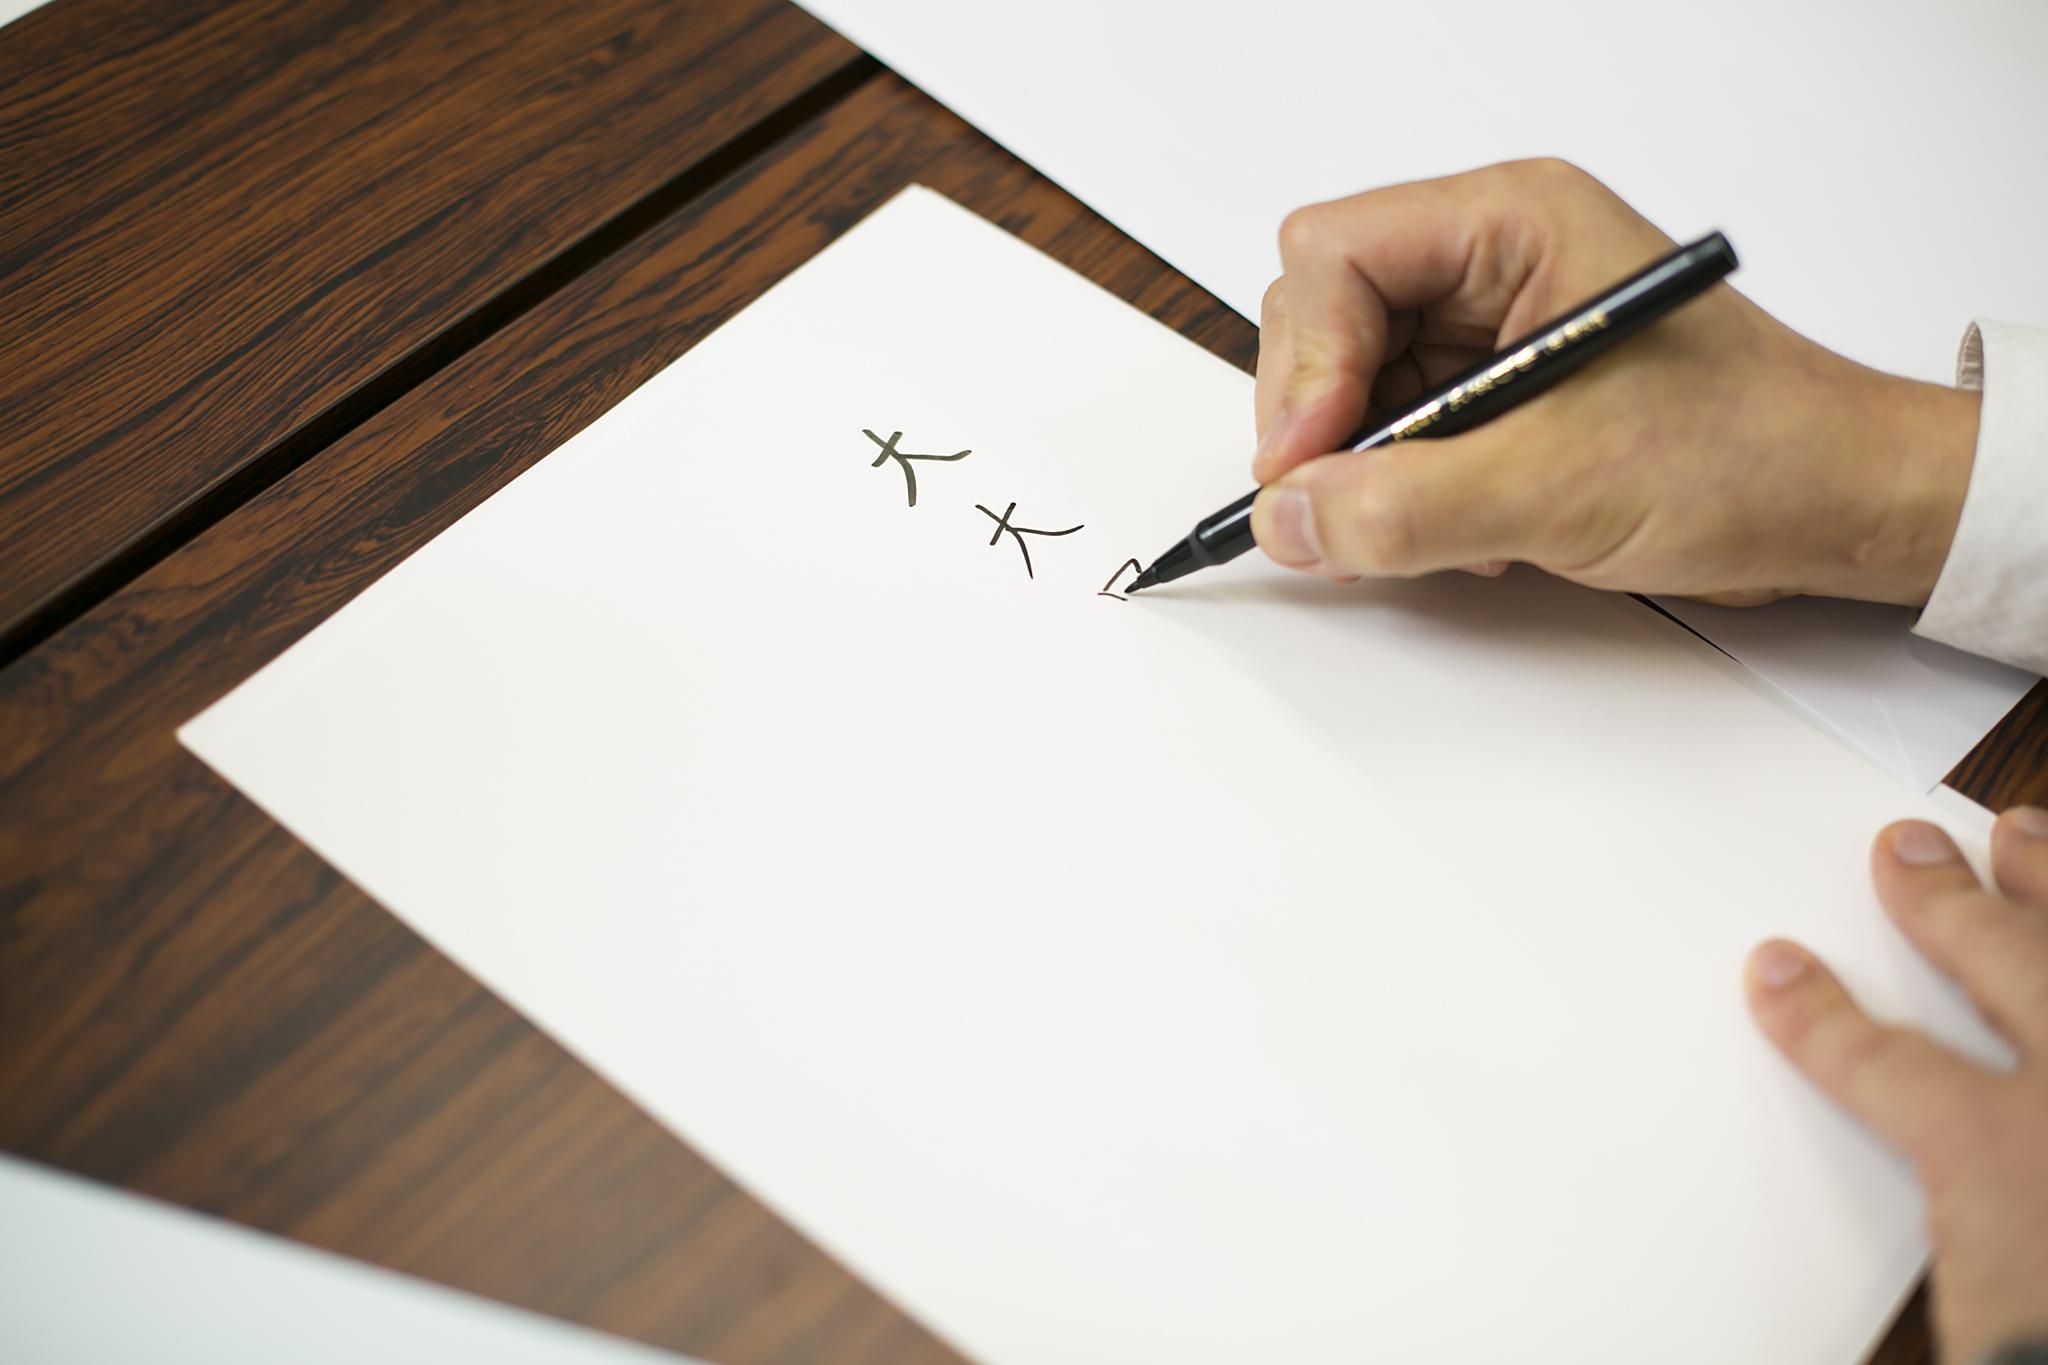 太さの違うペンで試し書きをしている画像